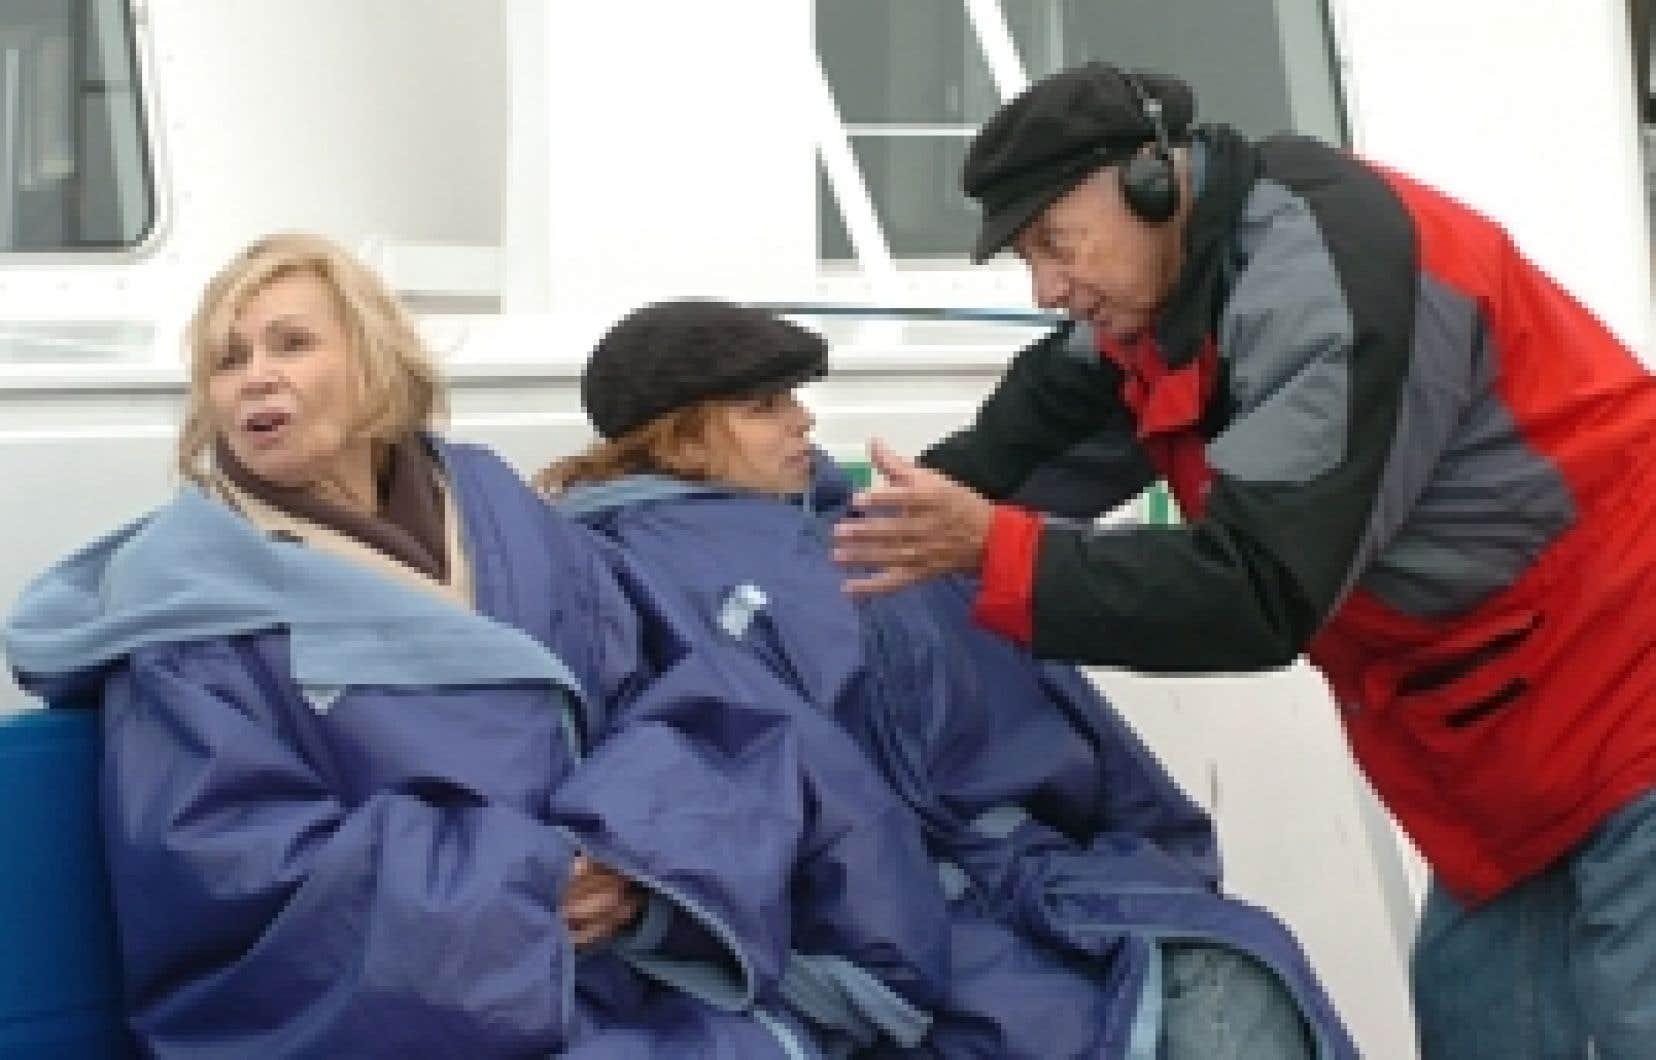 Le cinéaste Fernand Dansereau communique sa vision des choses aux actrices Monique Mercure et Suzanne Clément sur le plateau de tournage du film La Brunante.